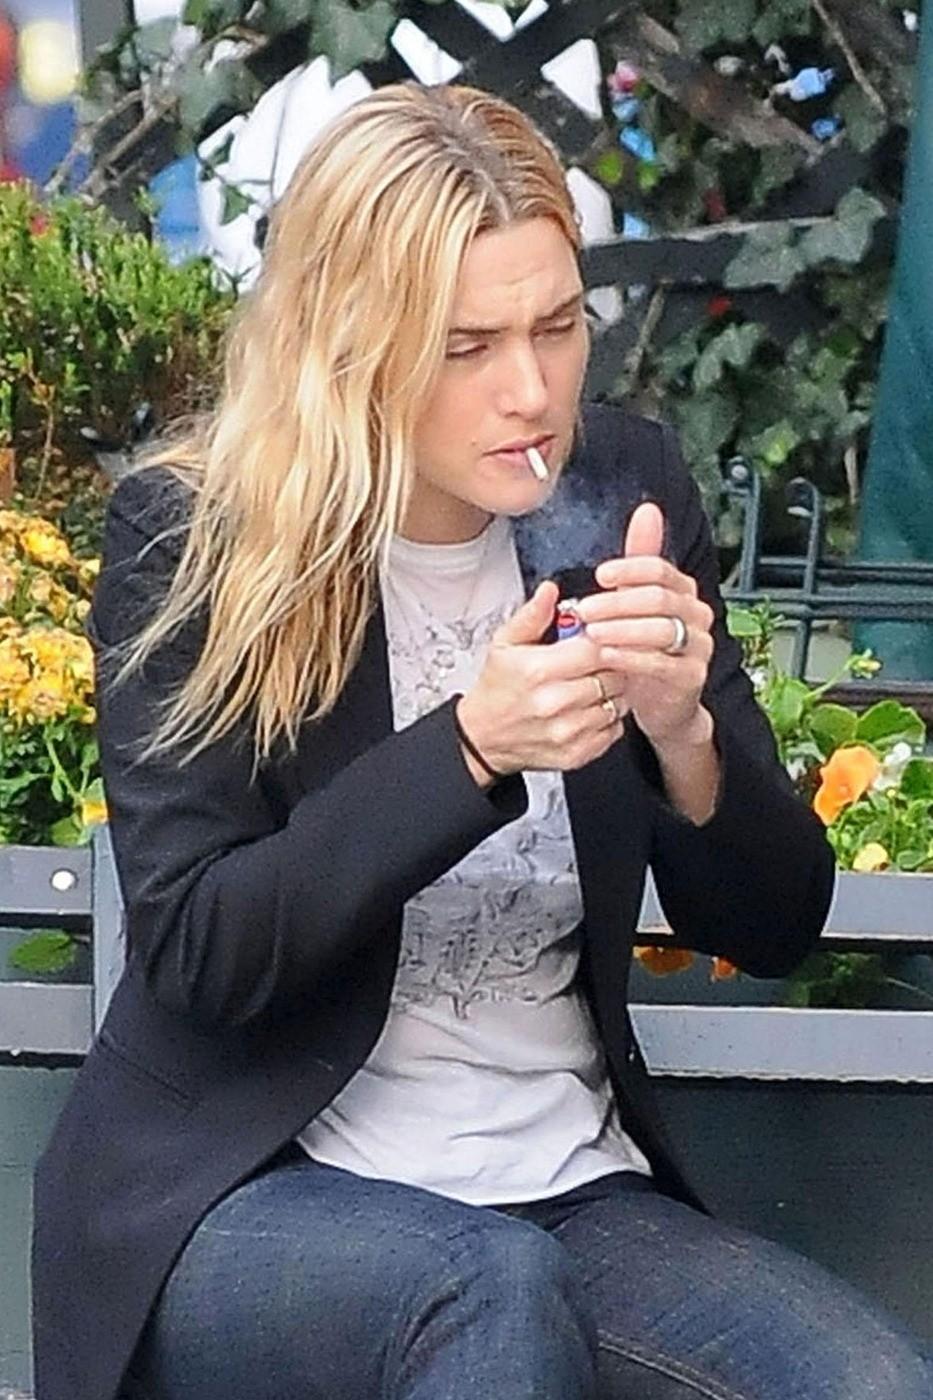 Des photos de célébrités qui fument